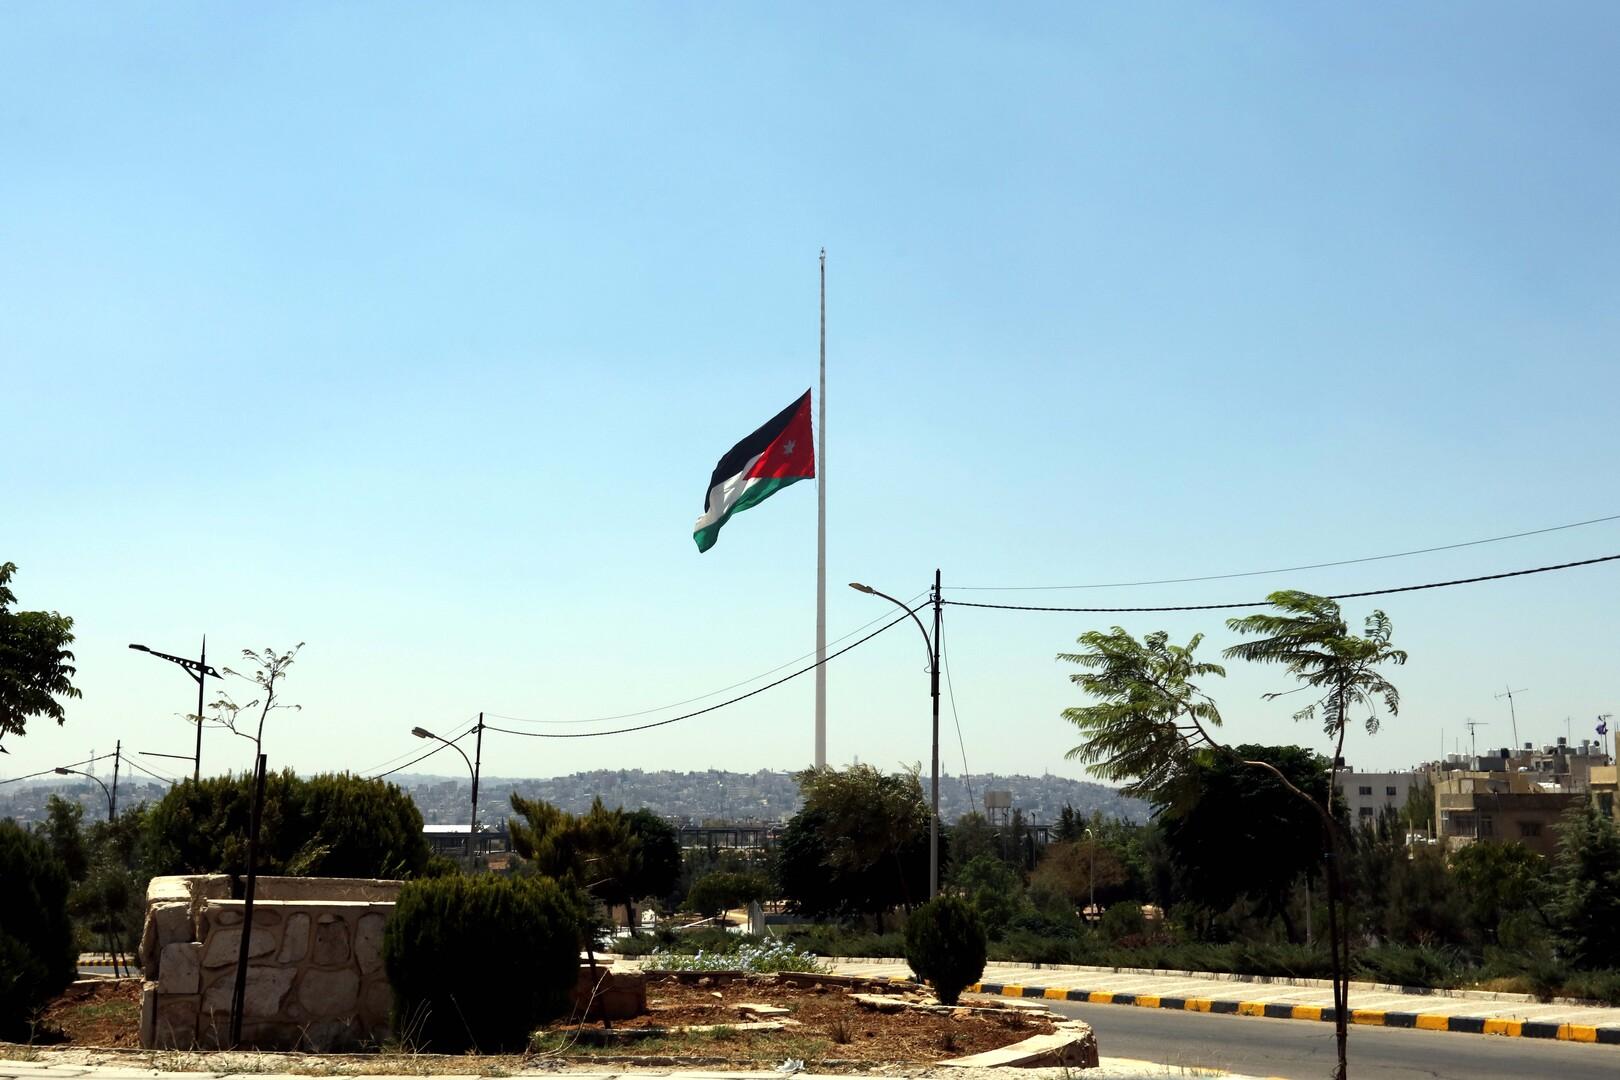 الأردن: مطالب بإلغاء الرسوم الجمركية مع سوريا لتسهيل الحركة التجارية والترانزيت بين البلدين